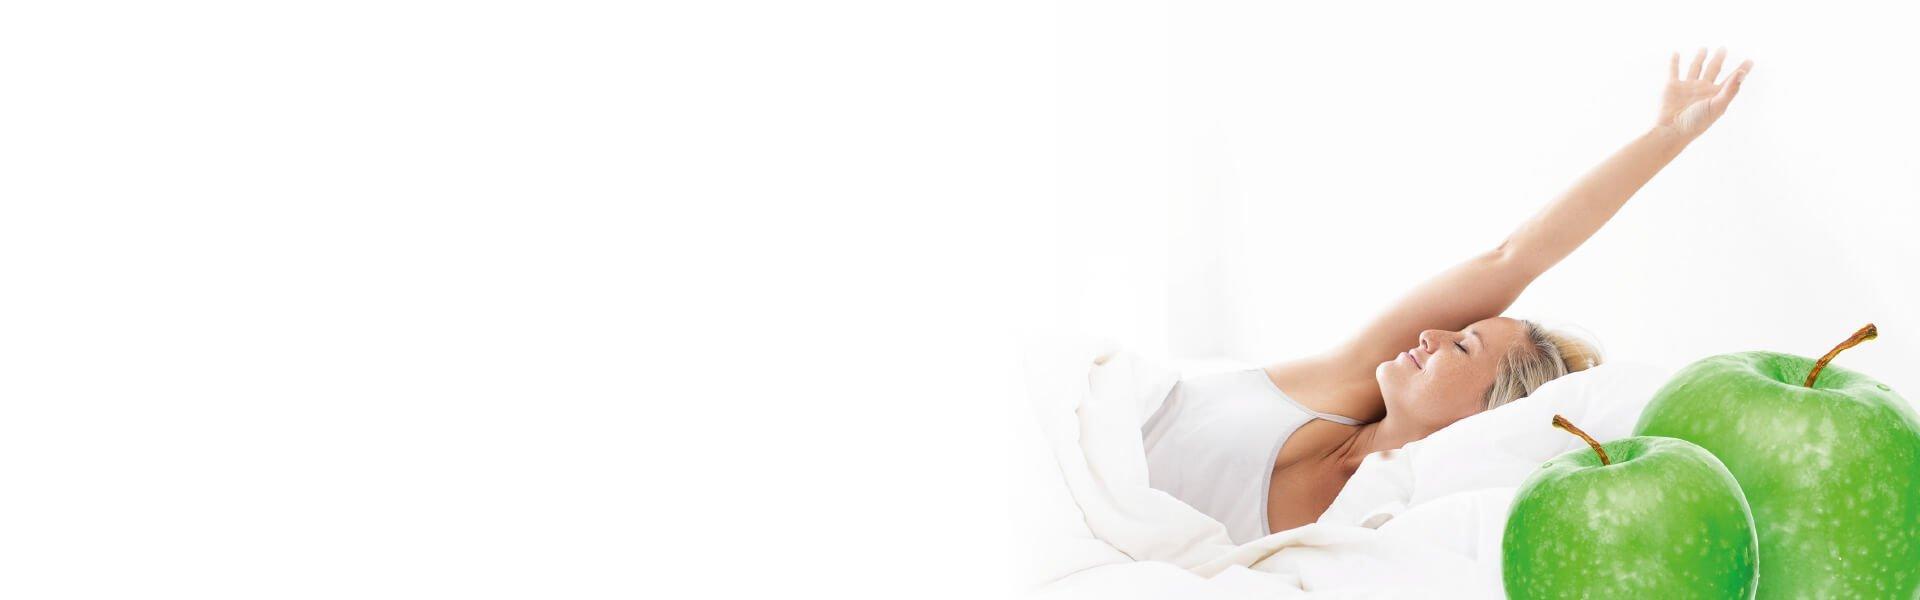 Foto de una mujer en la cama con dos manzanas verdes